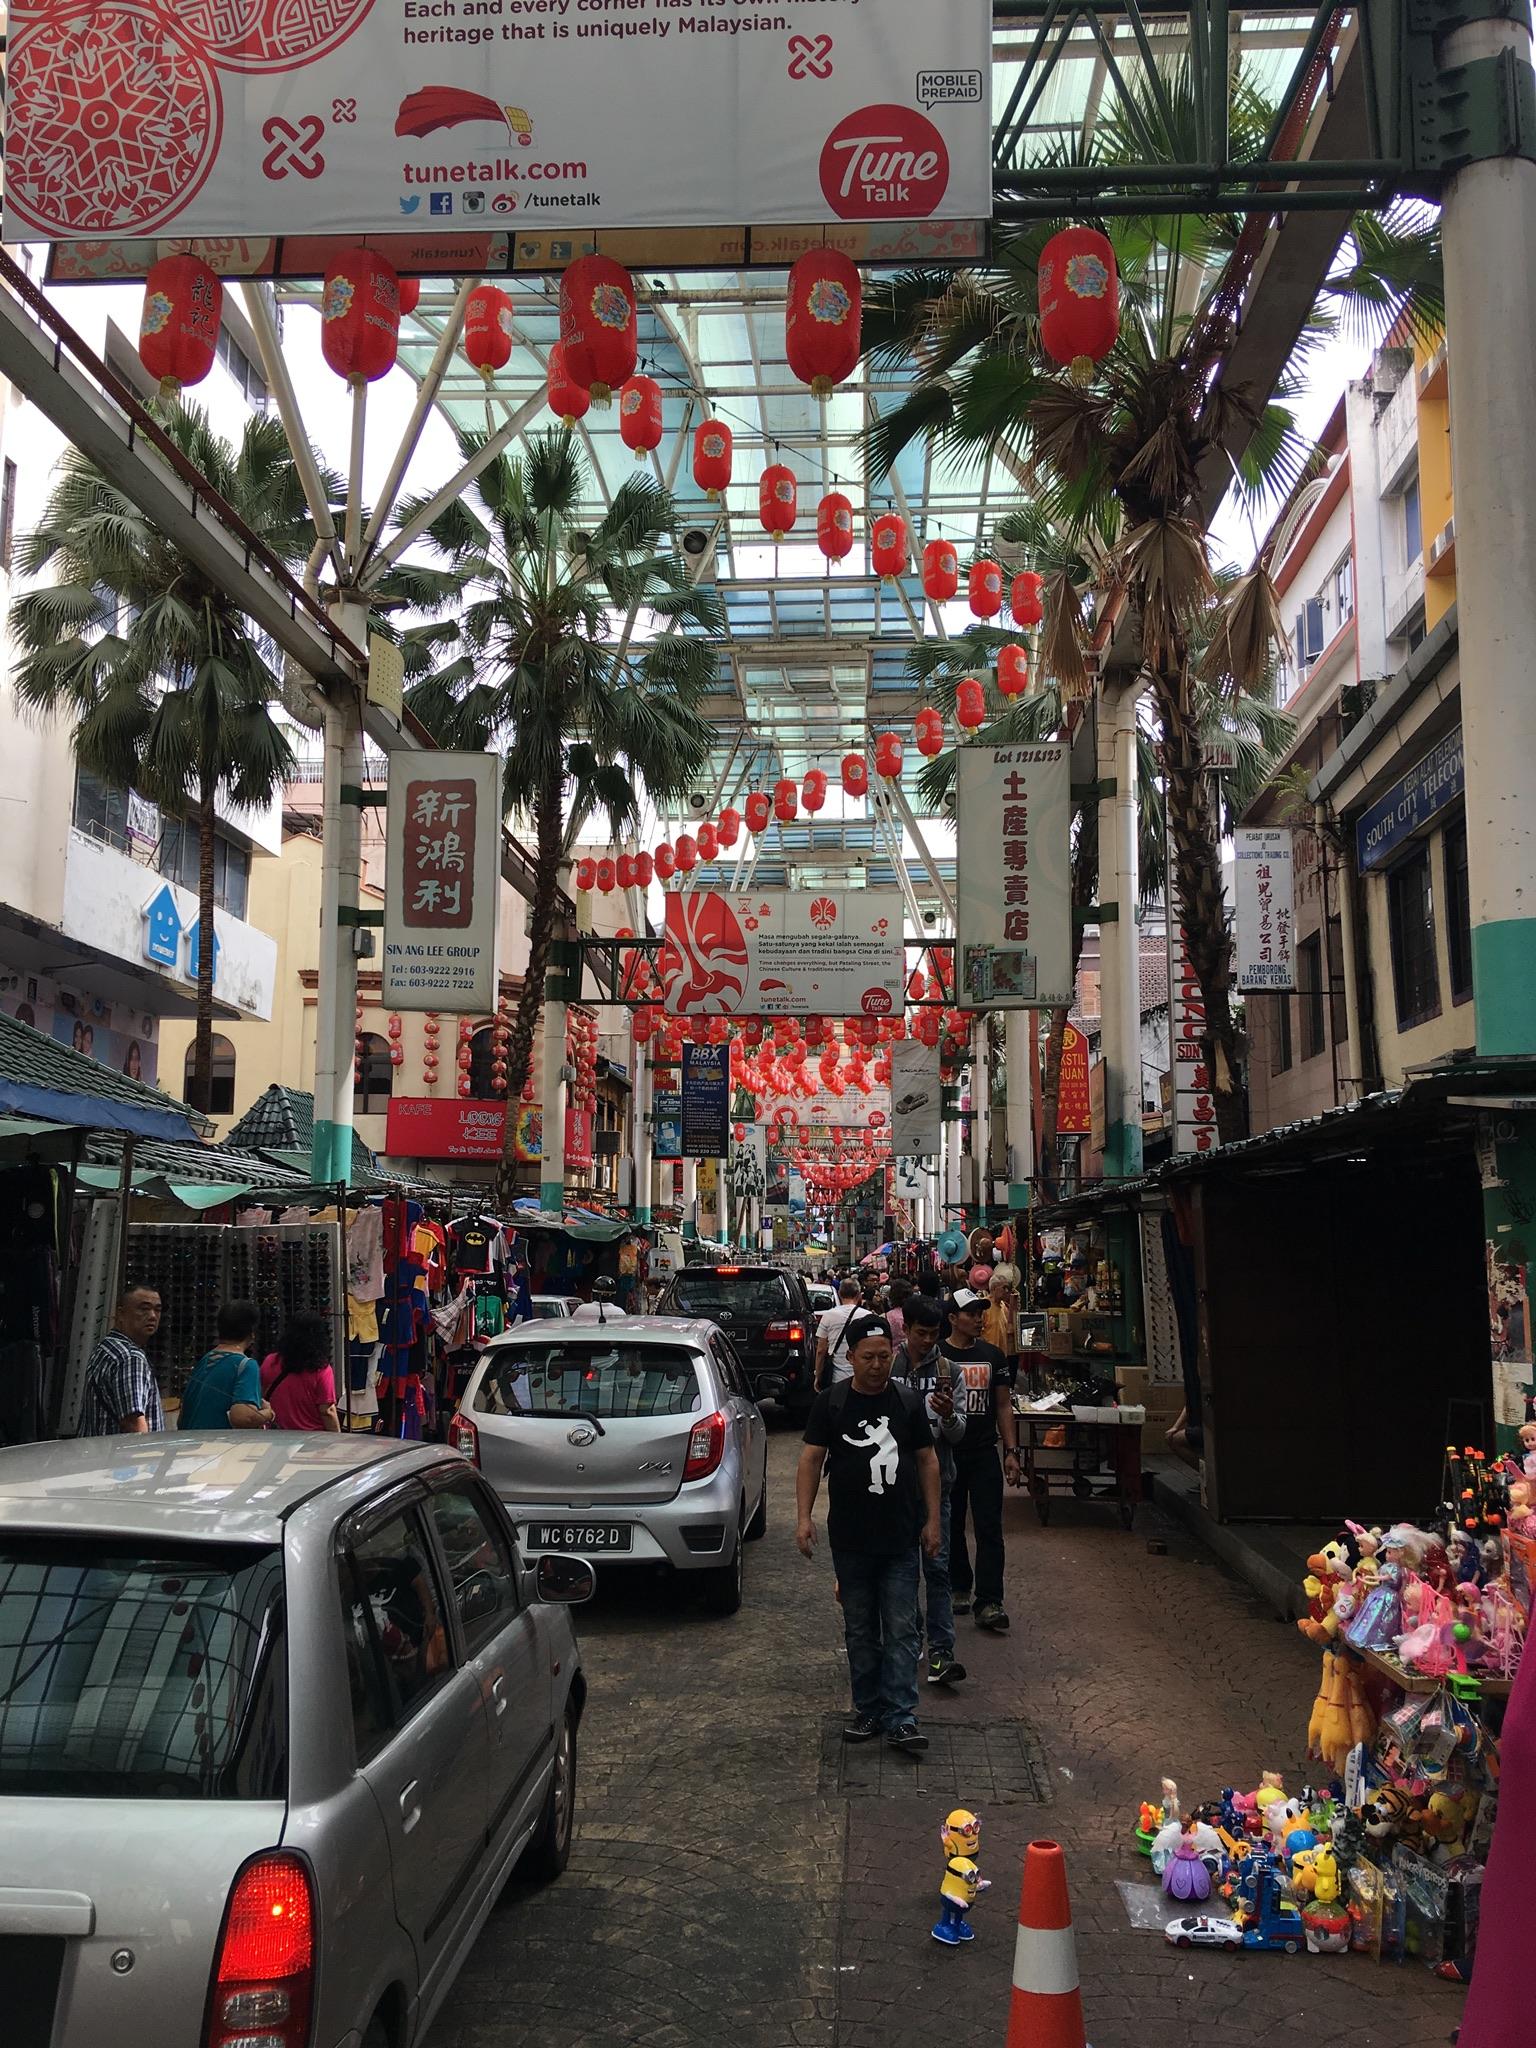 Petaling Street, Chinatown, Kuala Lumpur